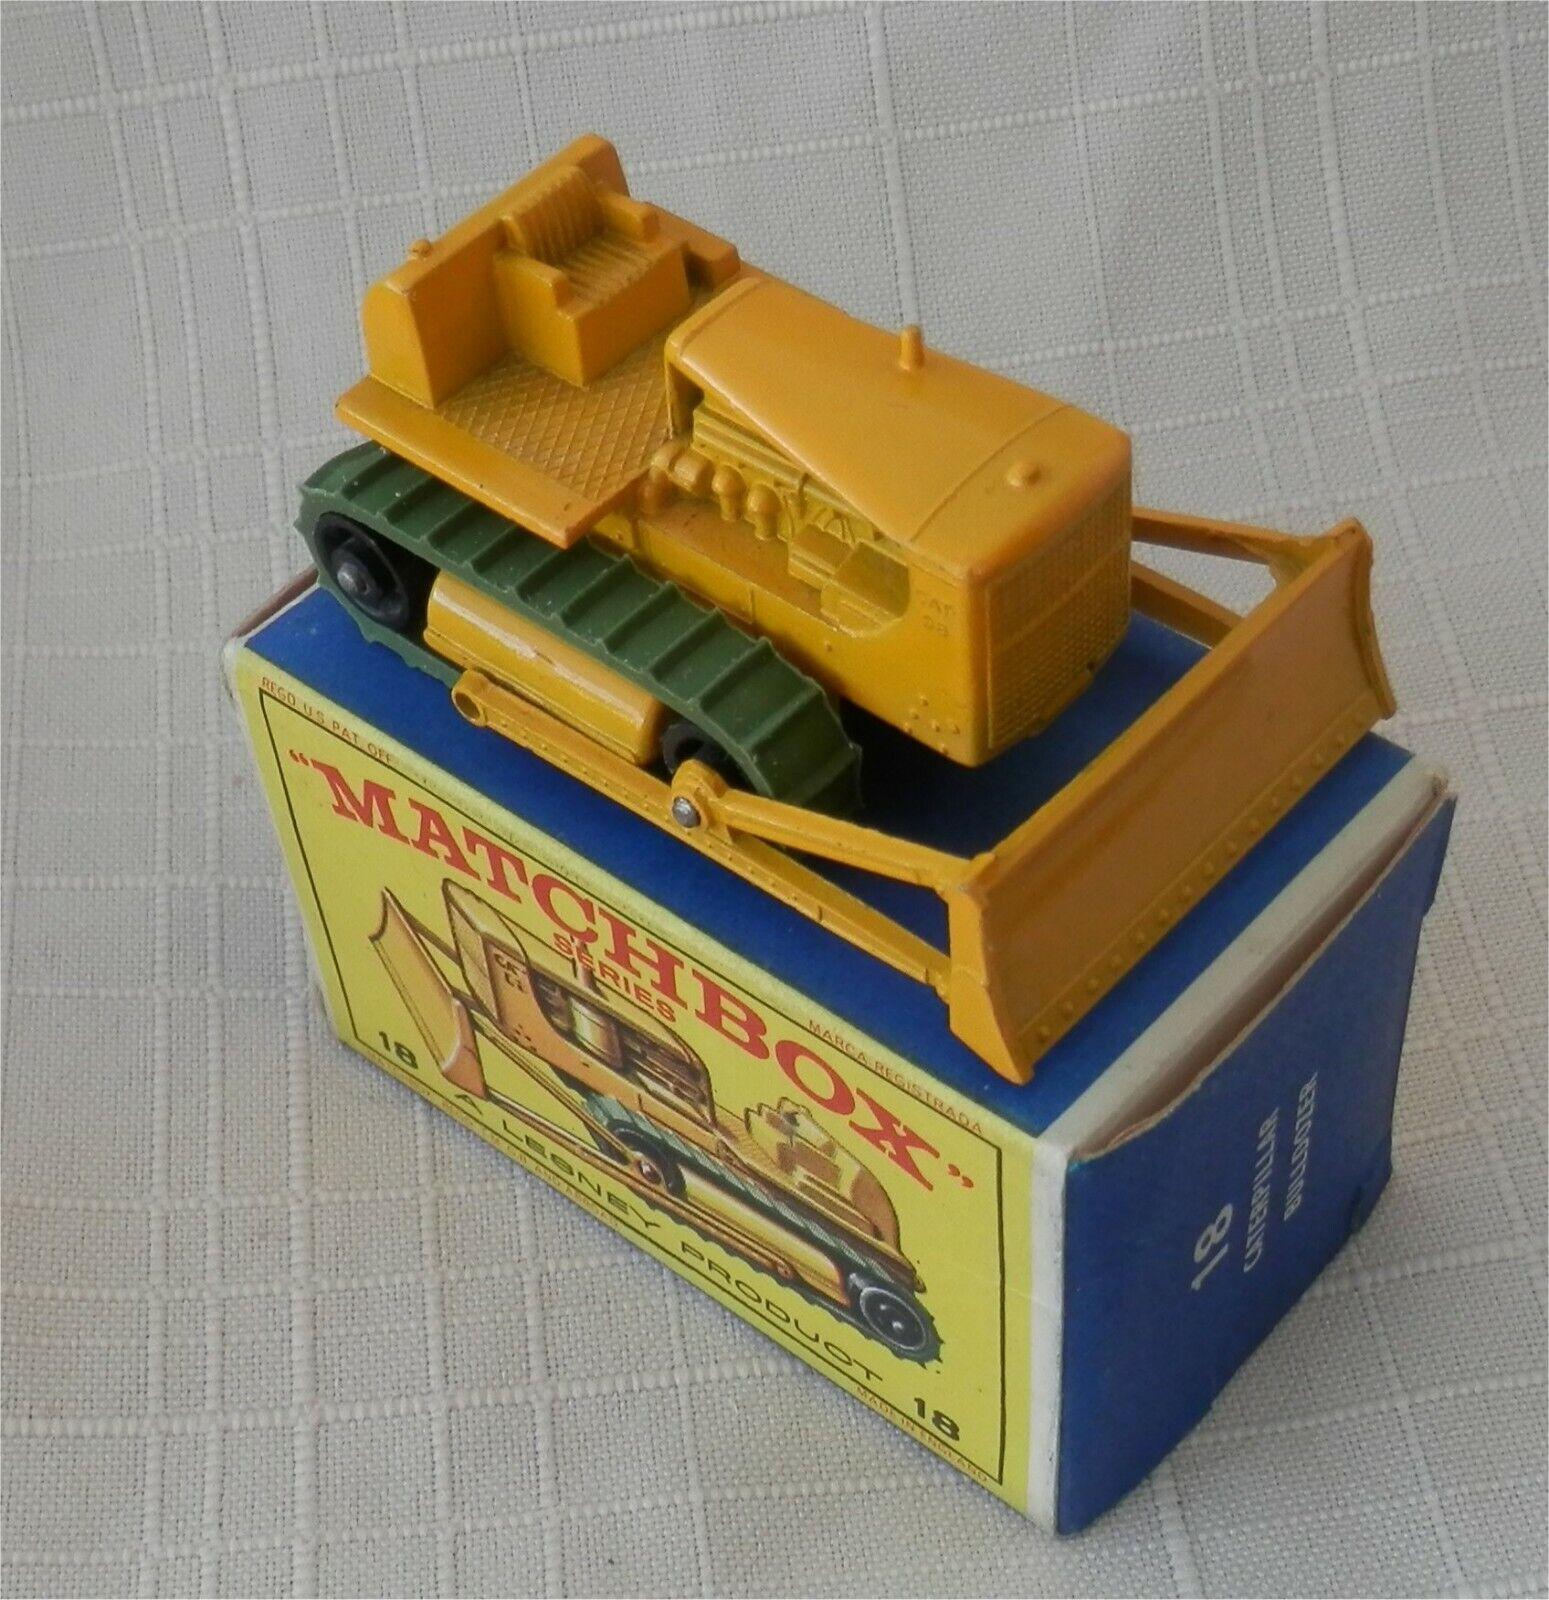 1960s.MATCHBOX LESNEY.18 d CATERPILLAR BULLDOZER.mint in box.all original